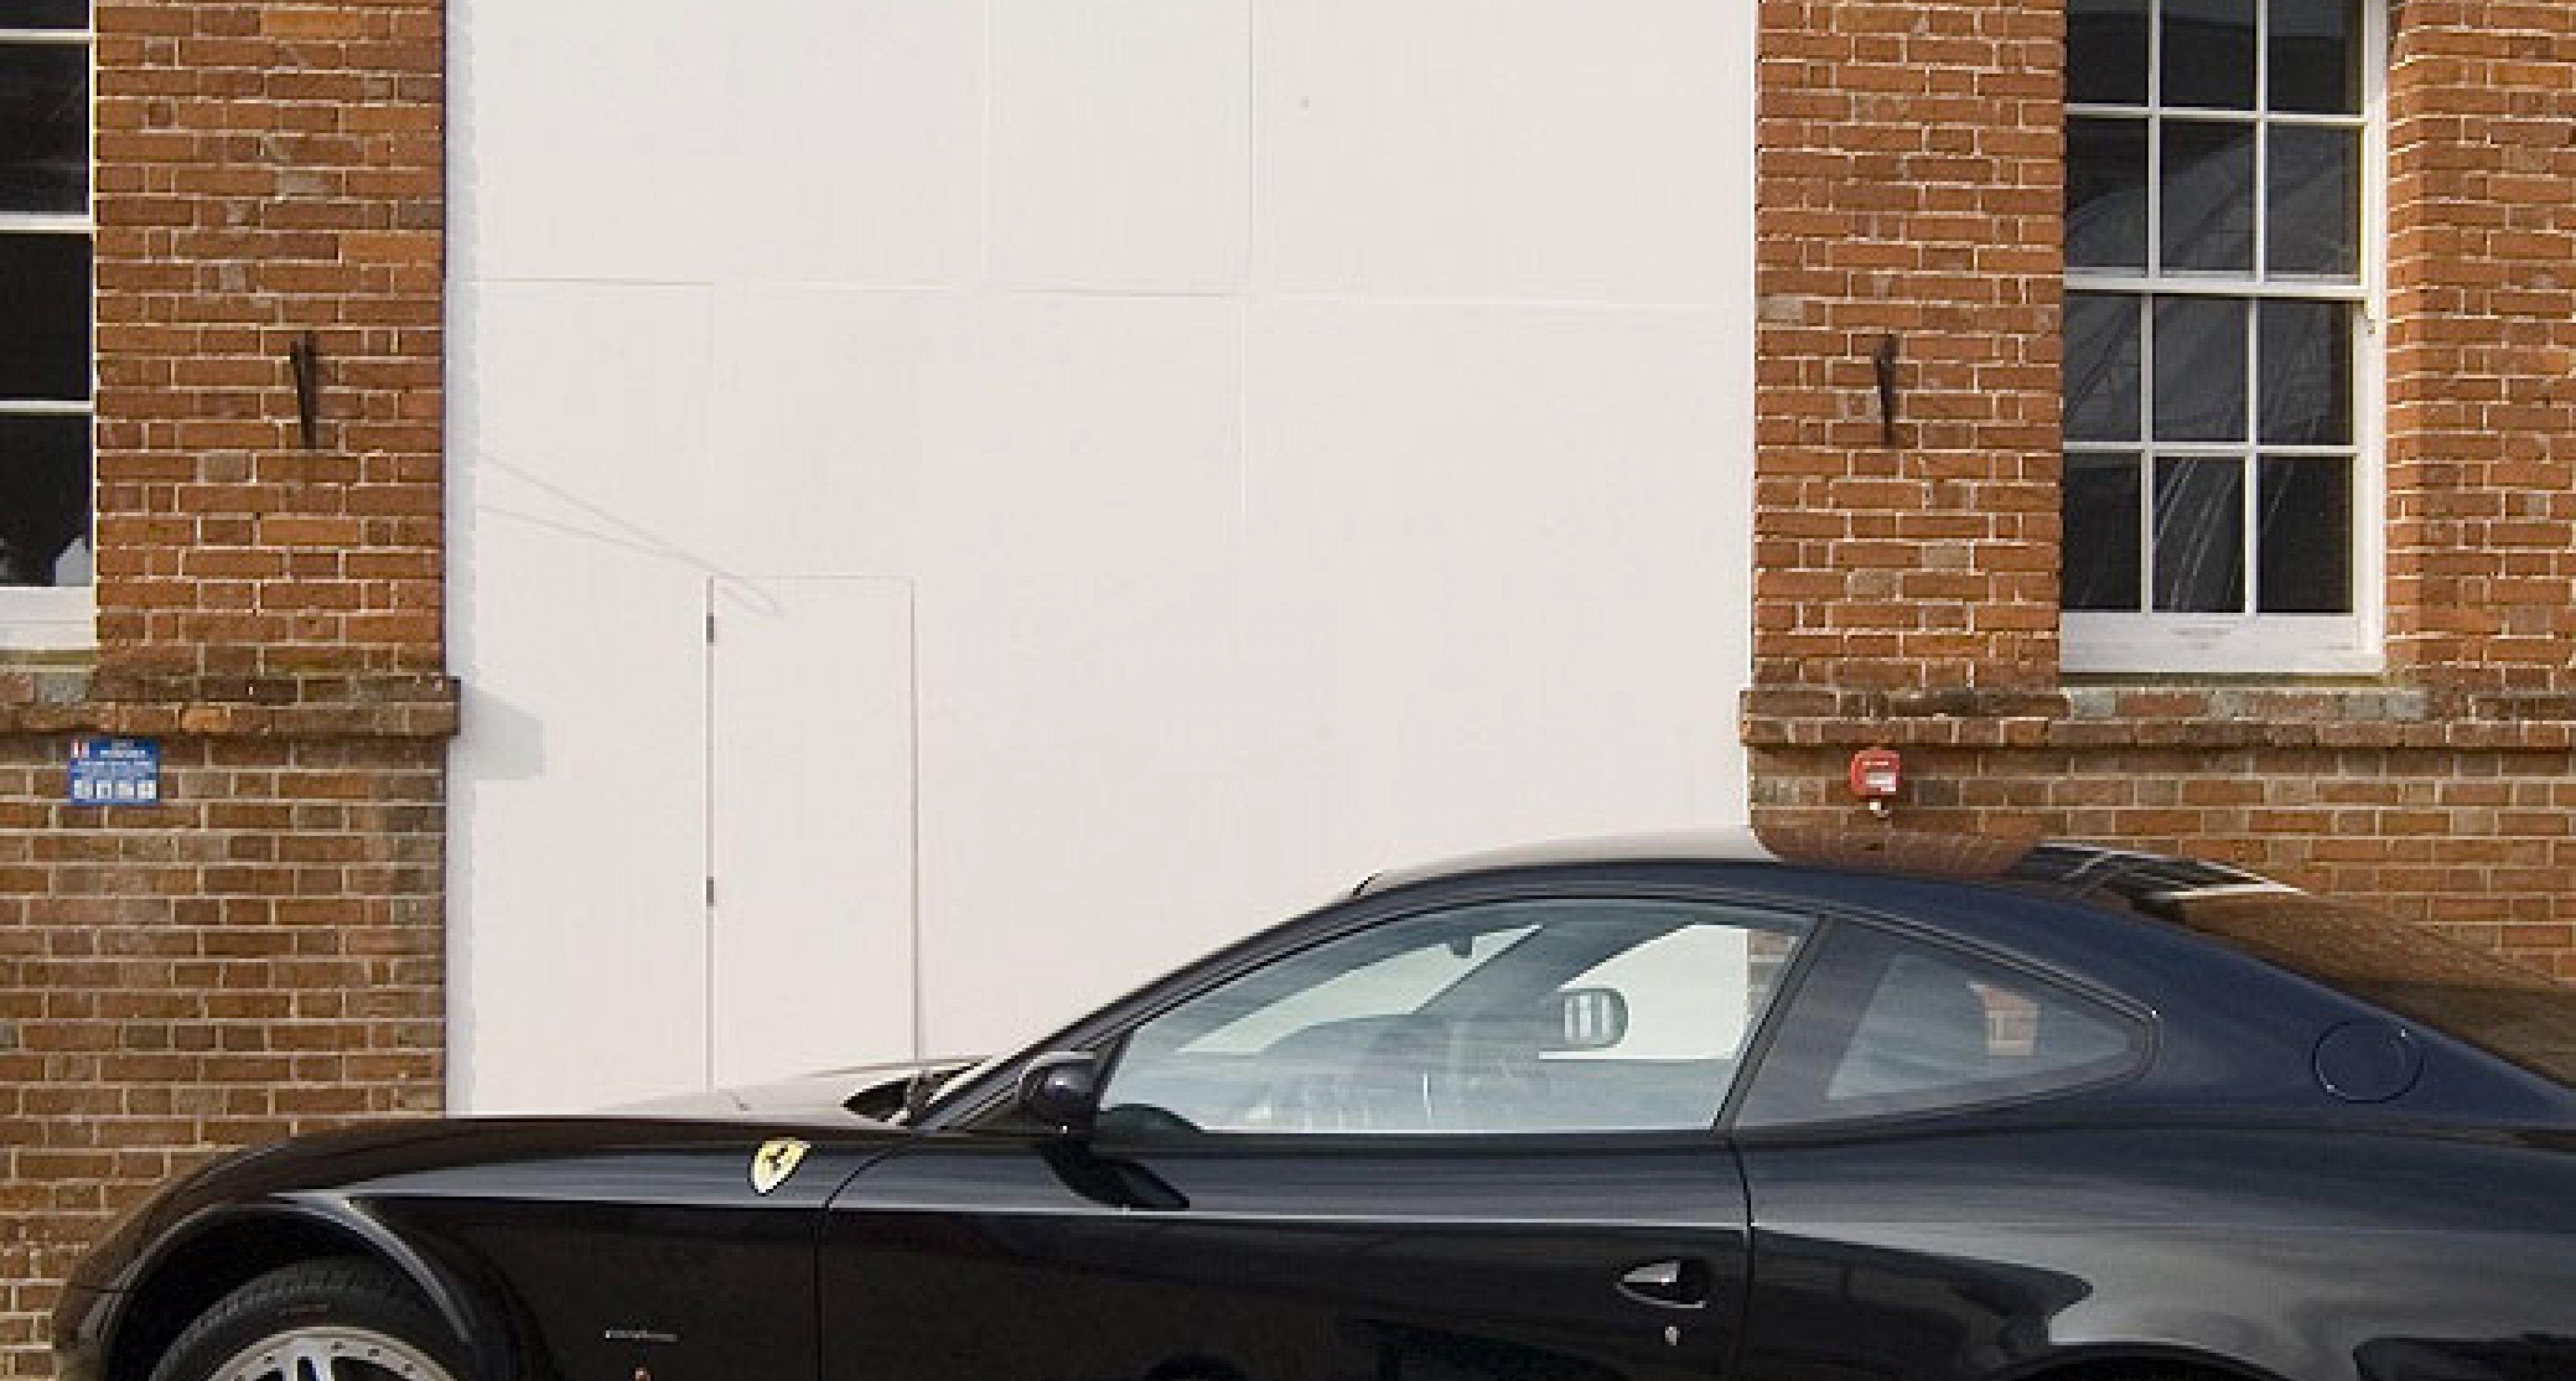 Ferrari 612 Scaglietti Wallpaper*